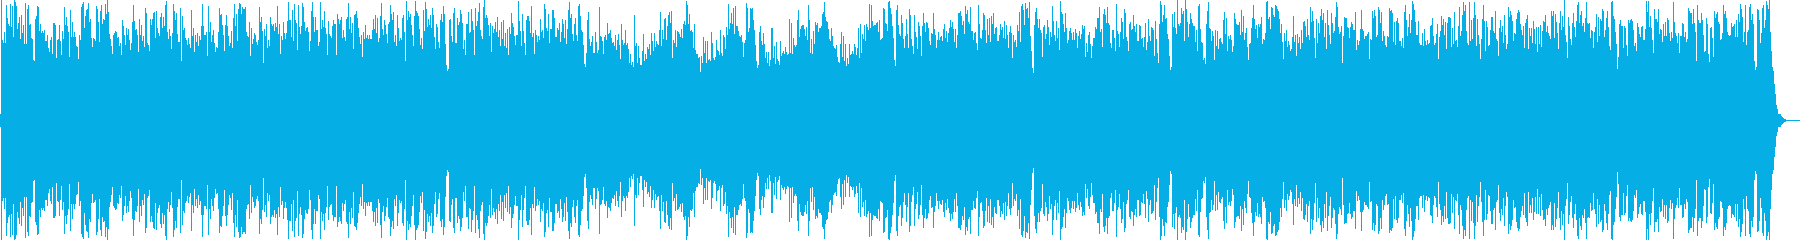 運動会定番曲のシンフォニックメタル編曲の再生済みの波形